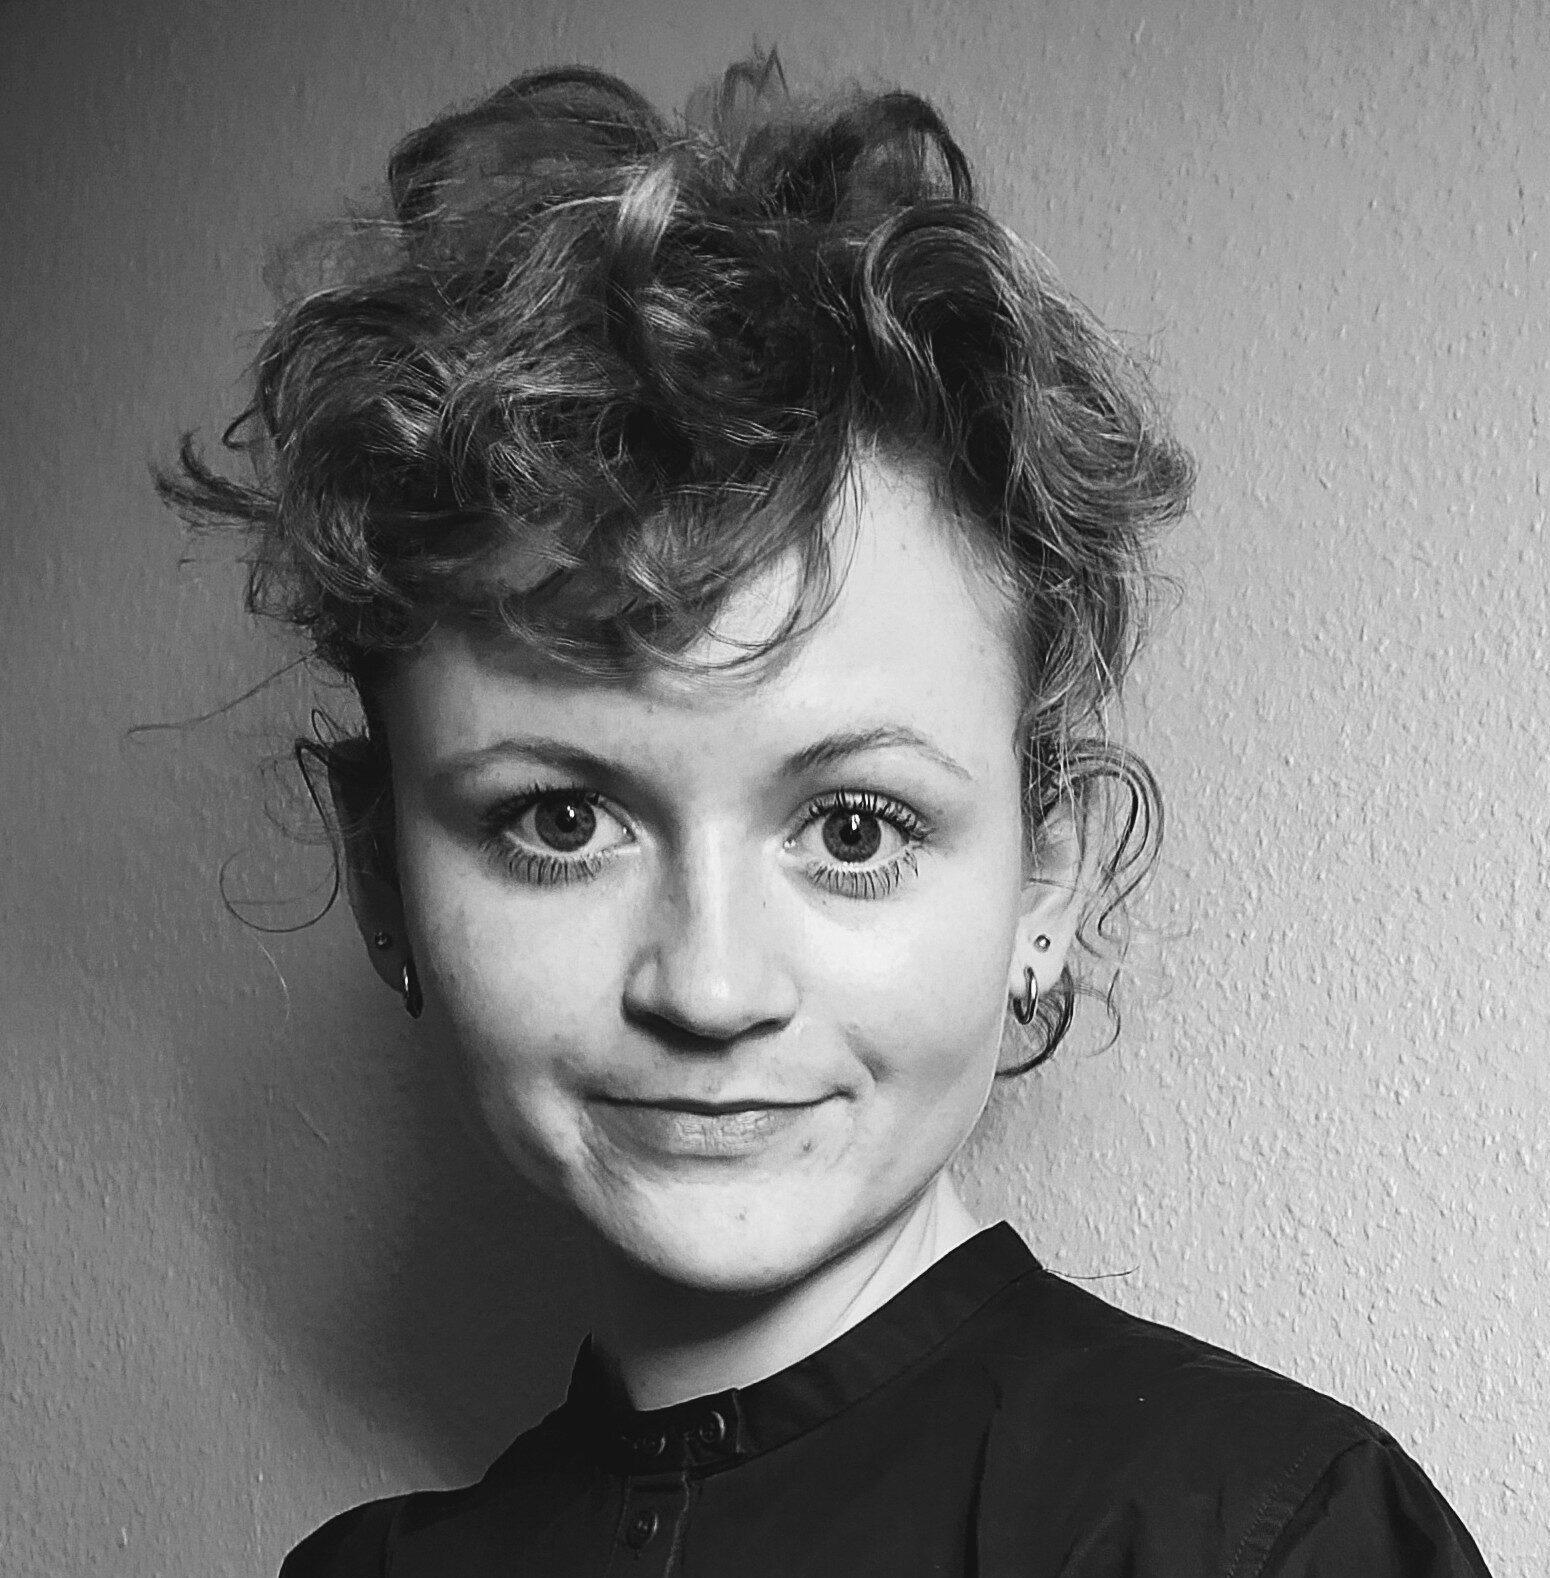 Marie Egestad